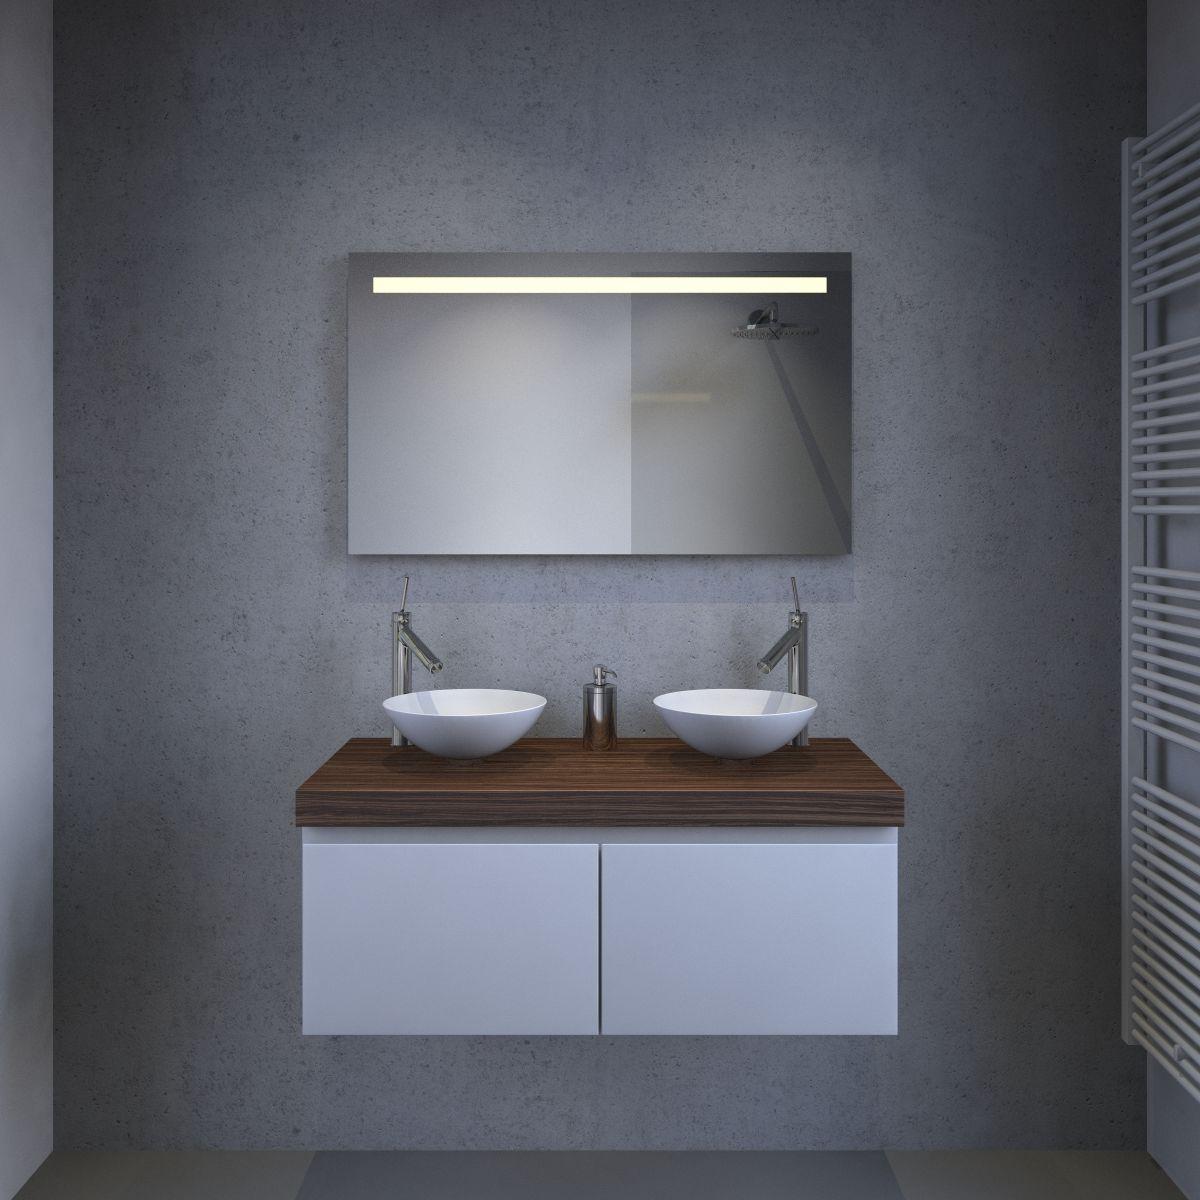 badkamer spiegel met dimbare verlichting en spiegel